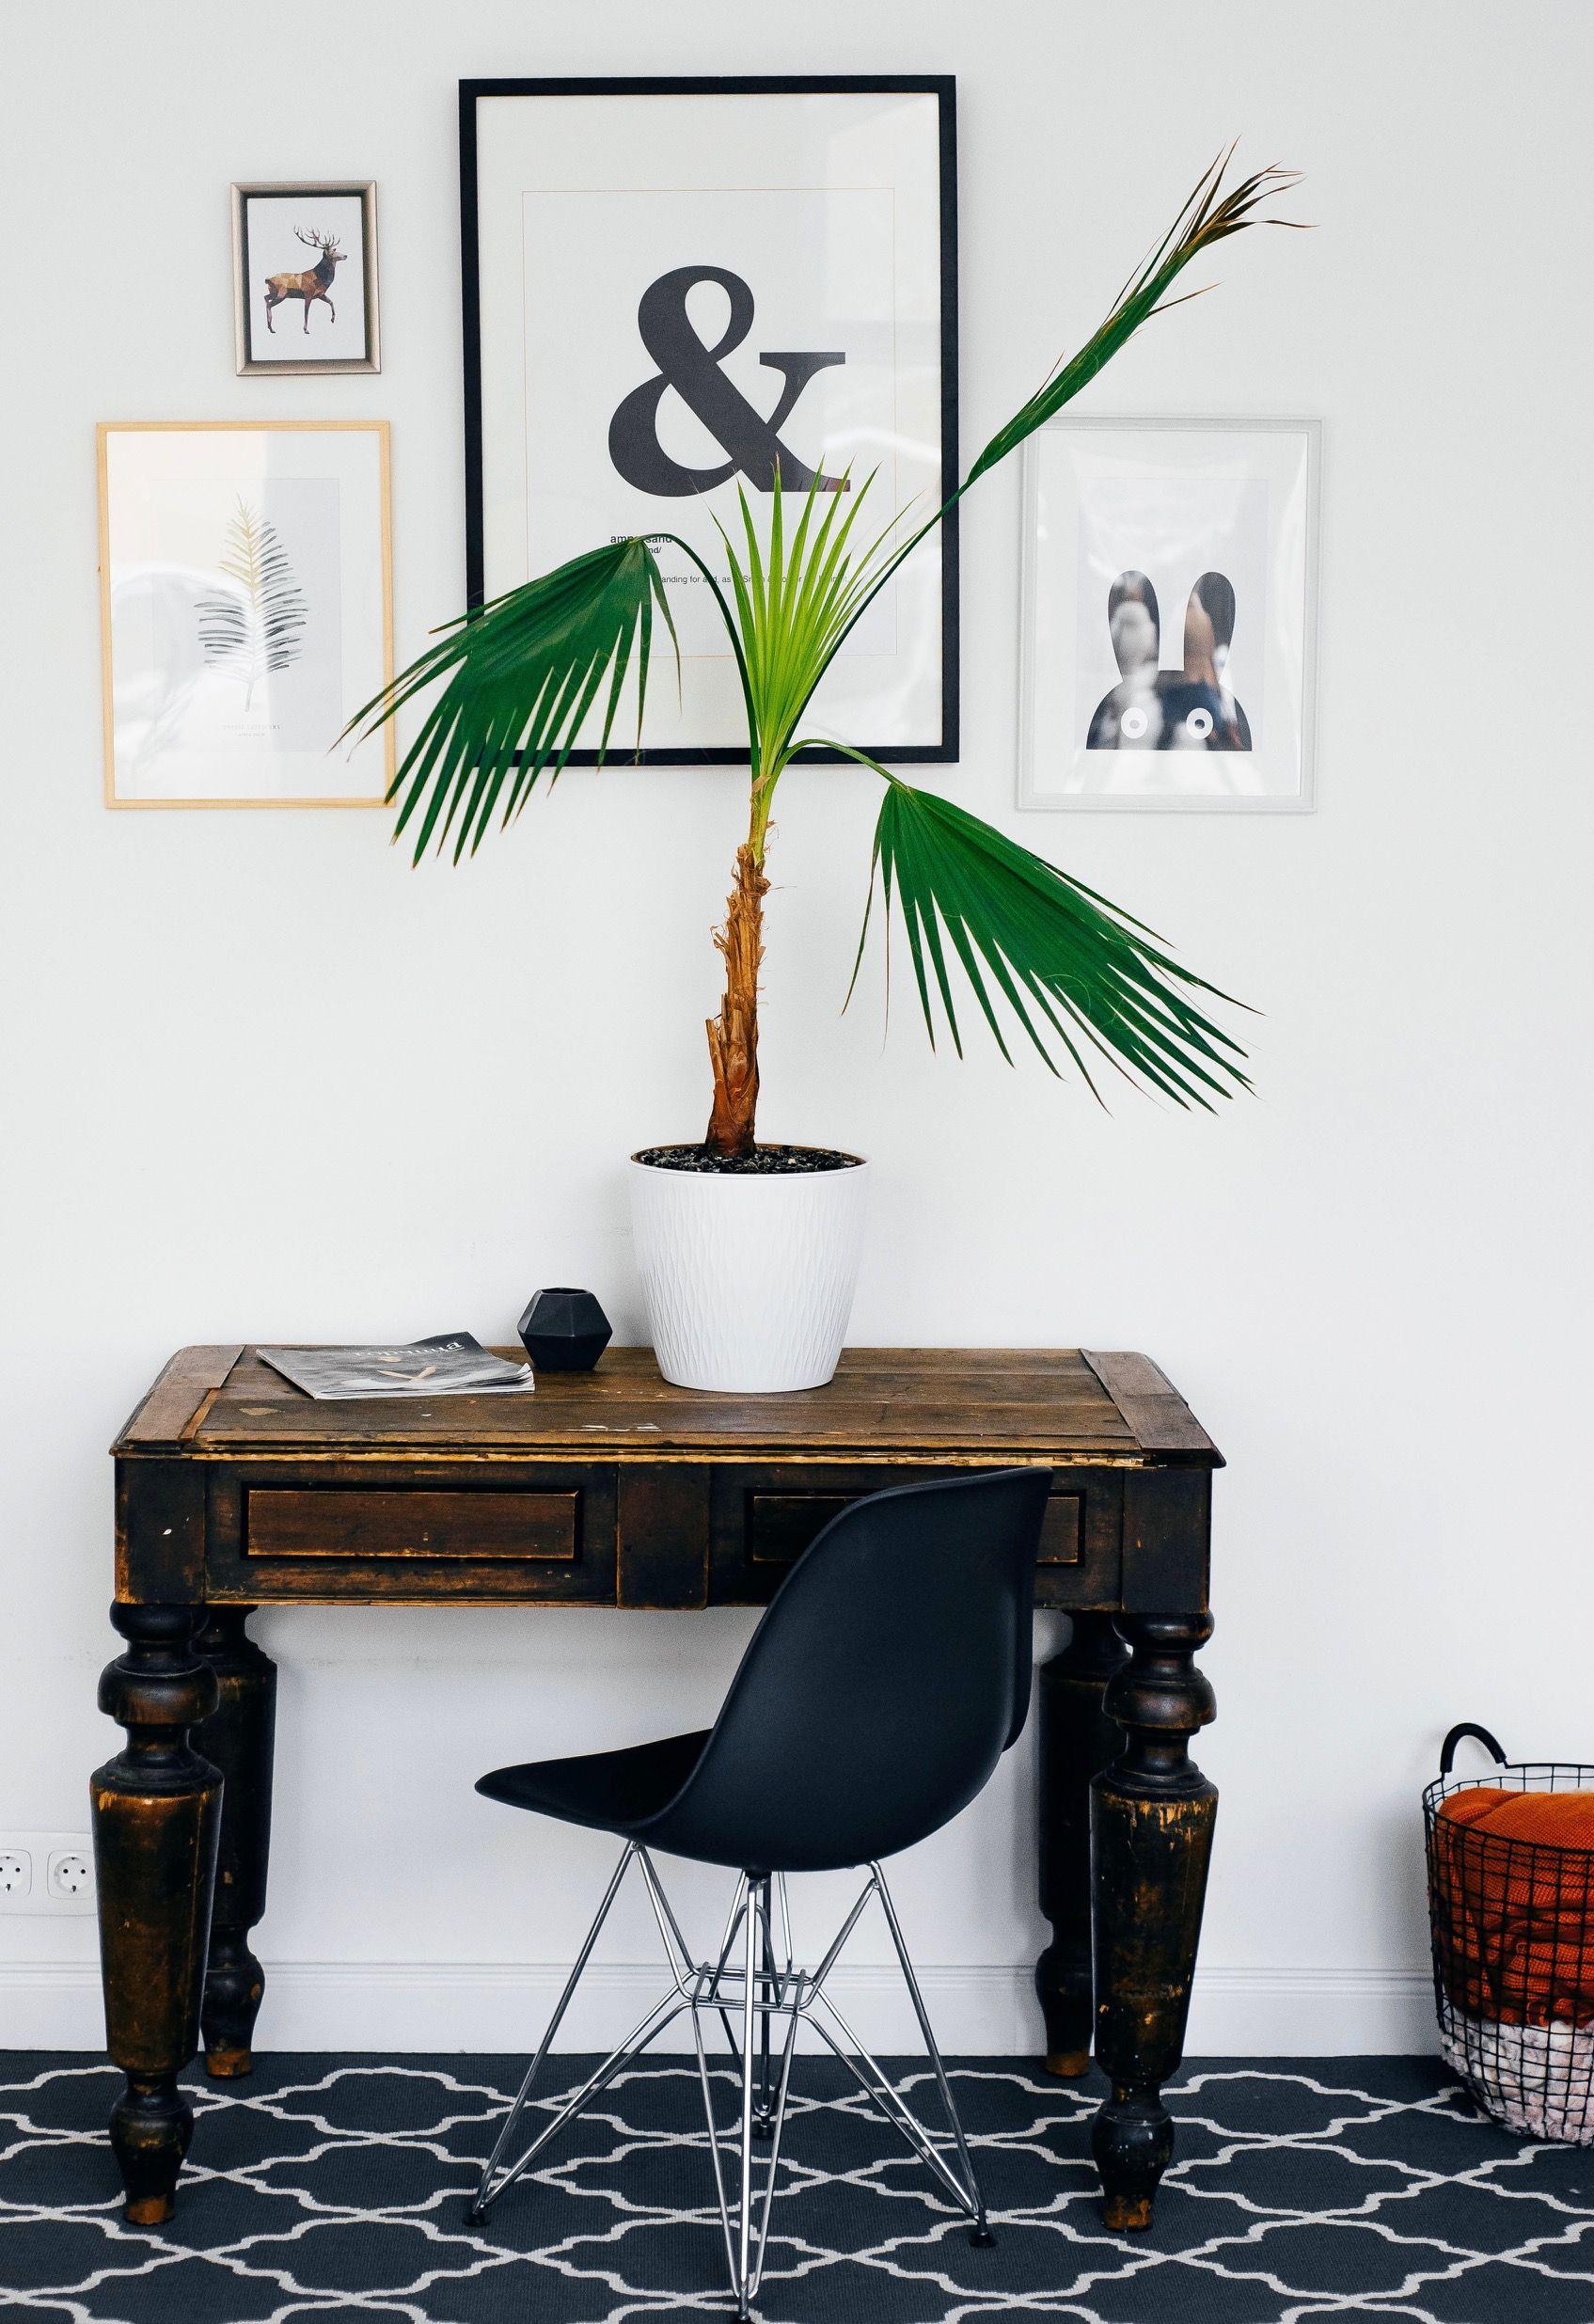 Fijn Werkplek #Werkplek #Workspace #Thuis #Athome - Design Und Kunst